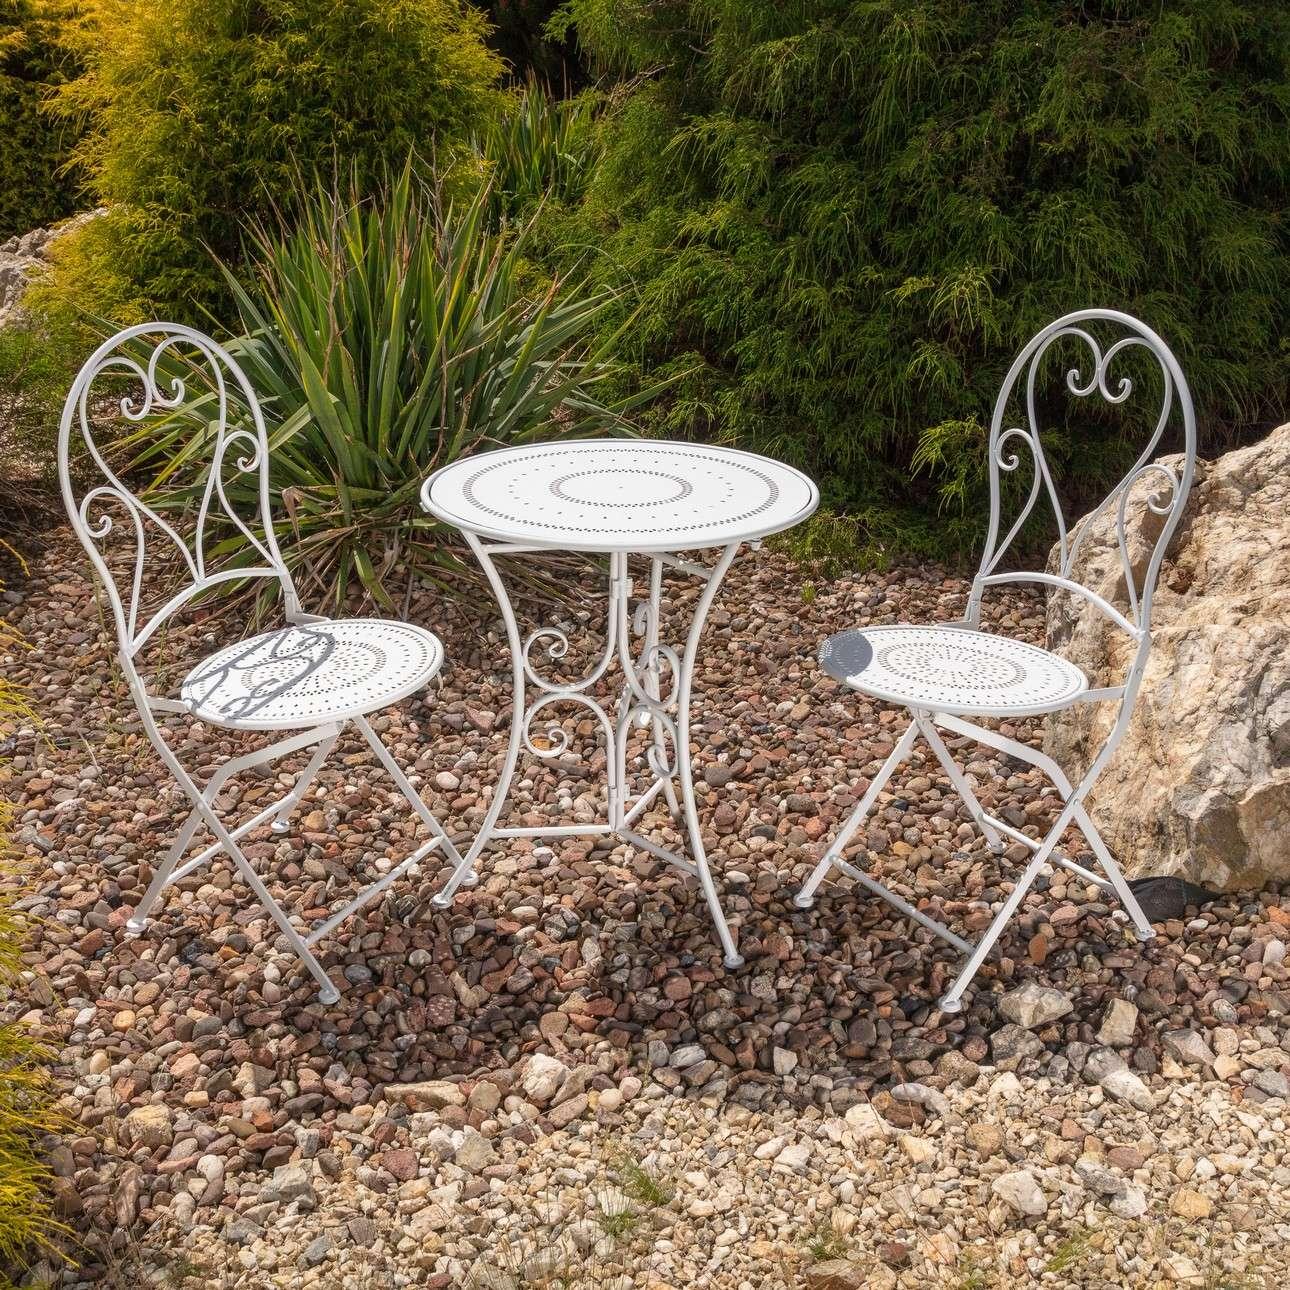 Zestaw ogrodowy Romantic stolik+2 krzesła